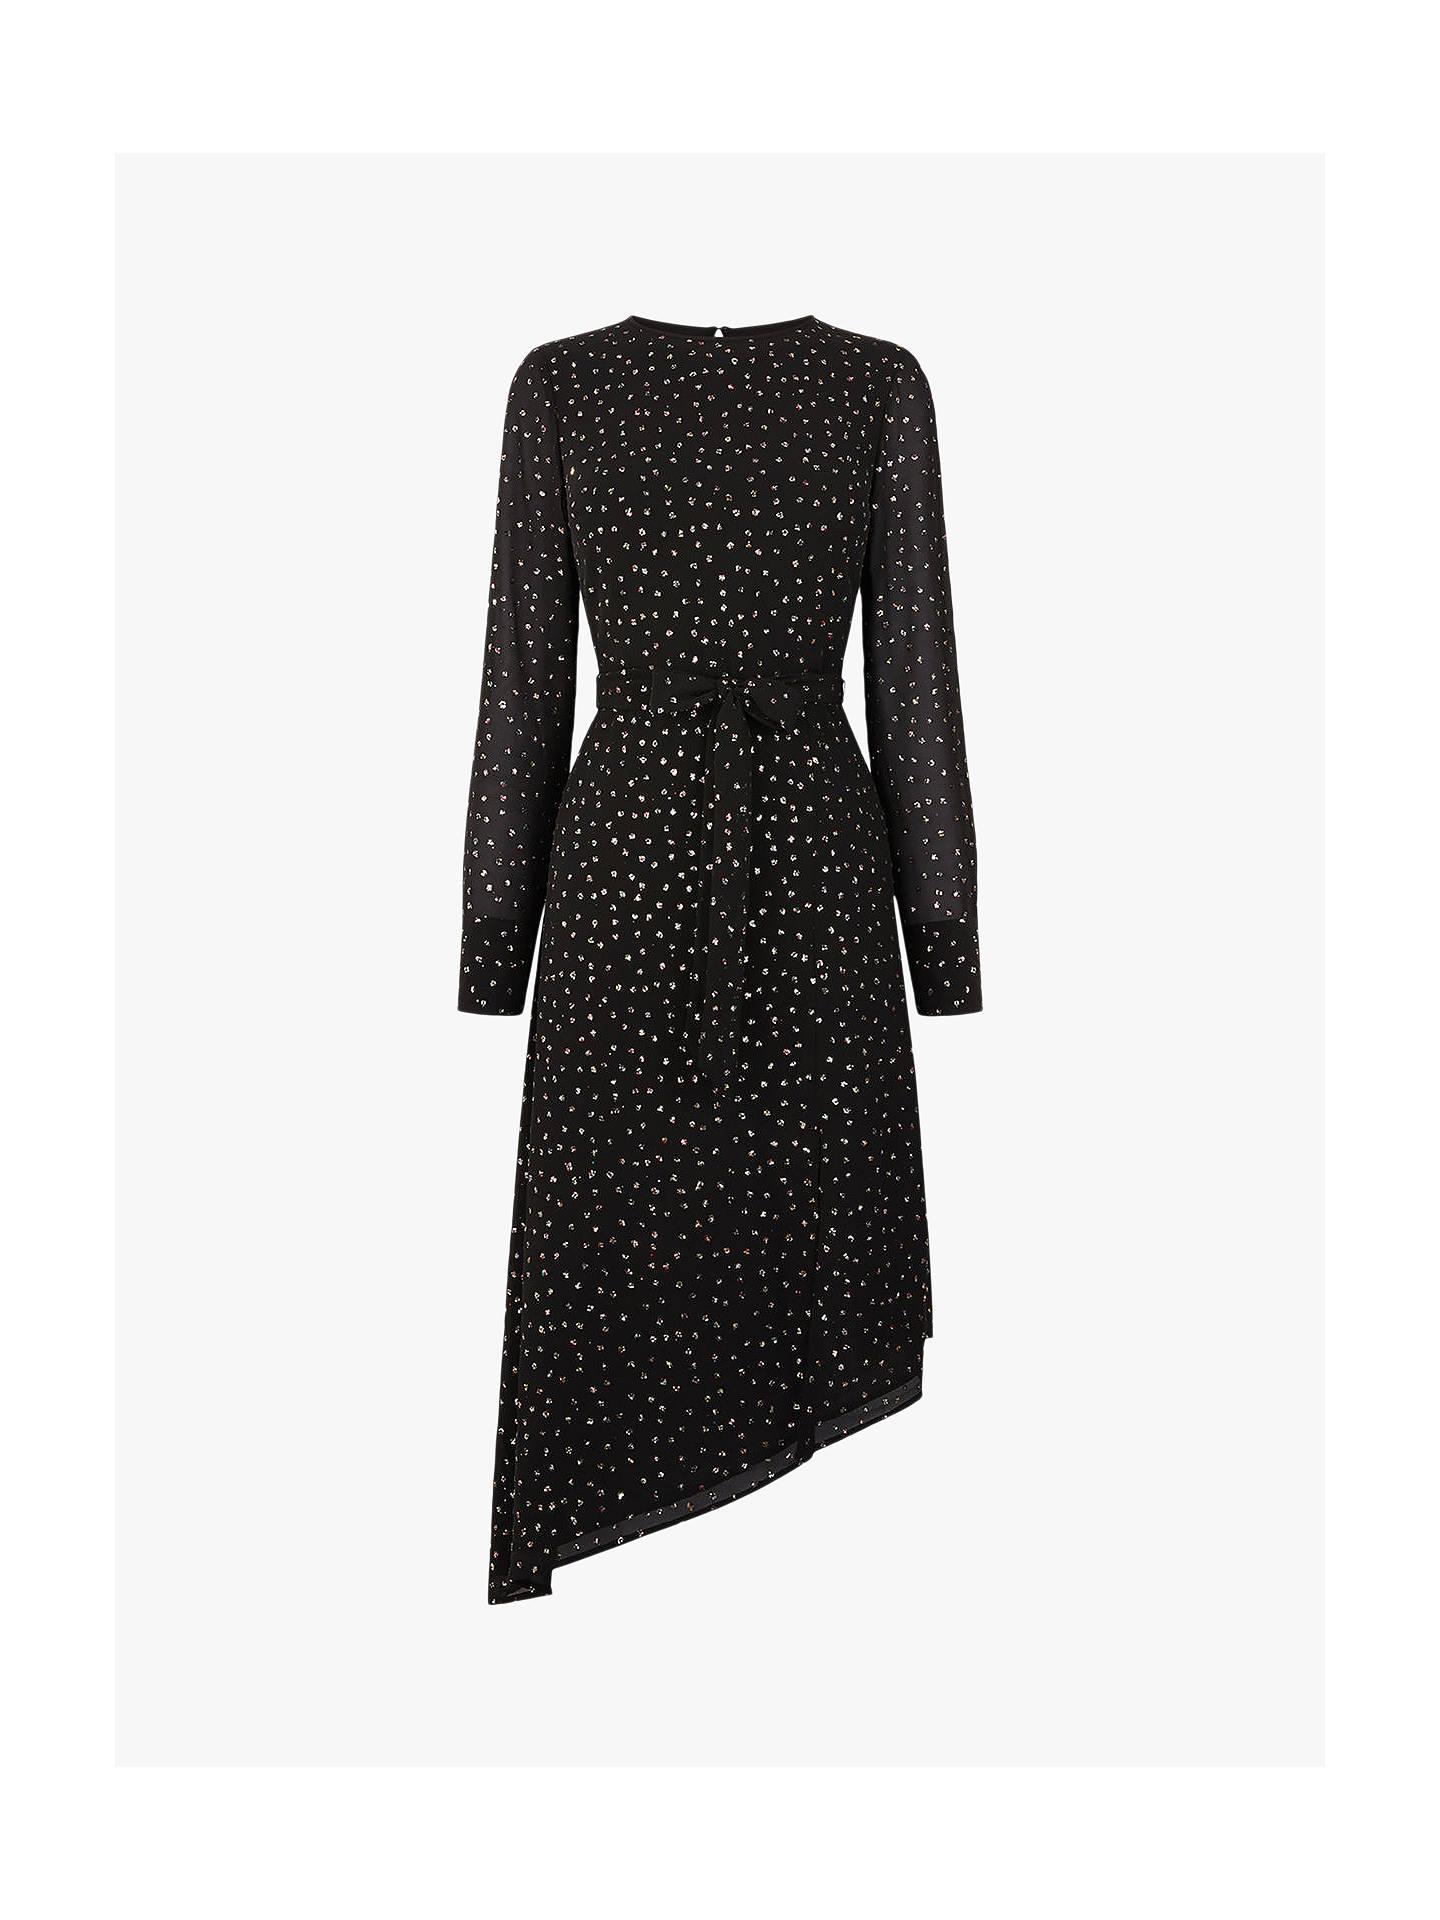 c152194b6af6 ... Buy Oasis Glitter Midi Dress, Black, 6 Online at johnlewis.com ...